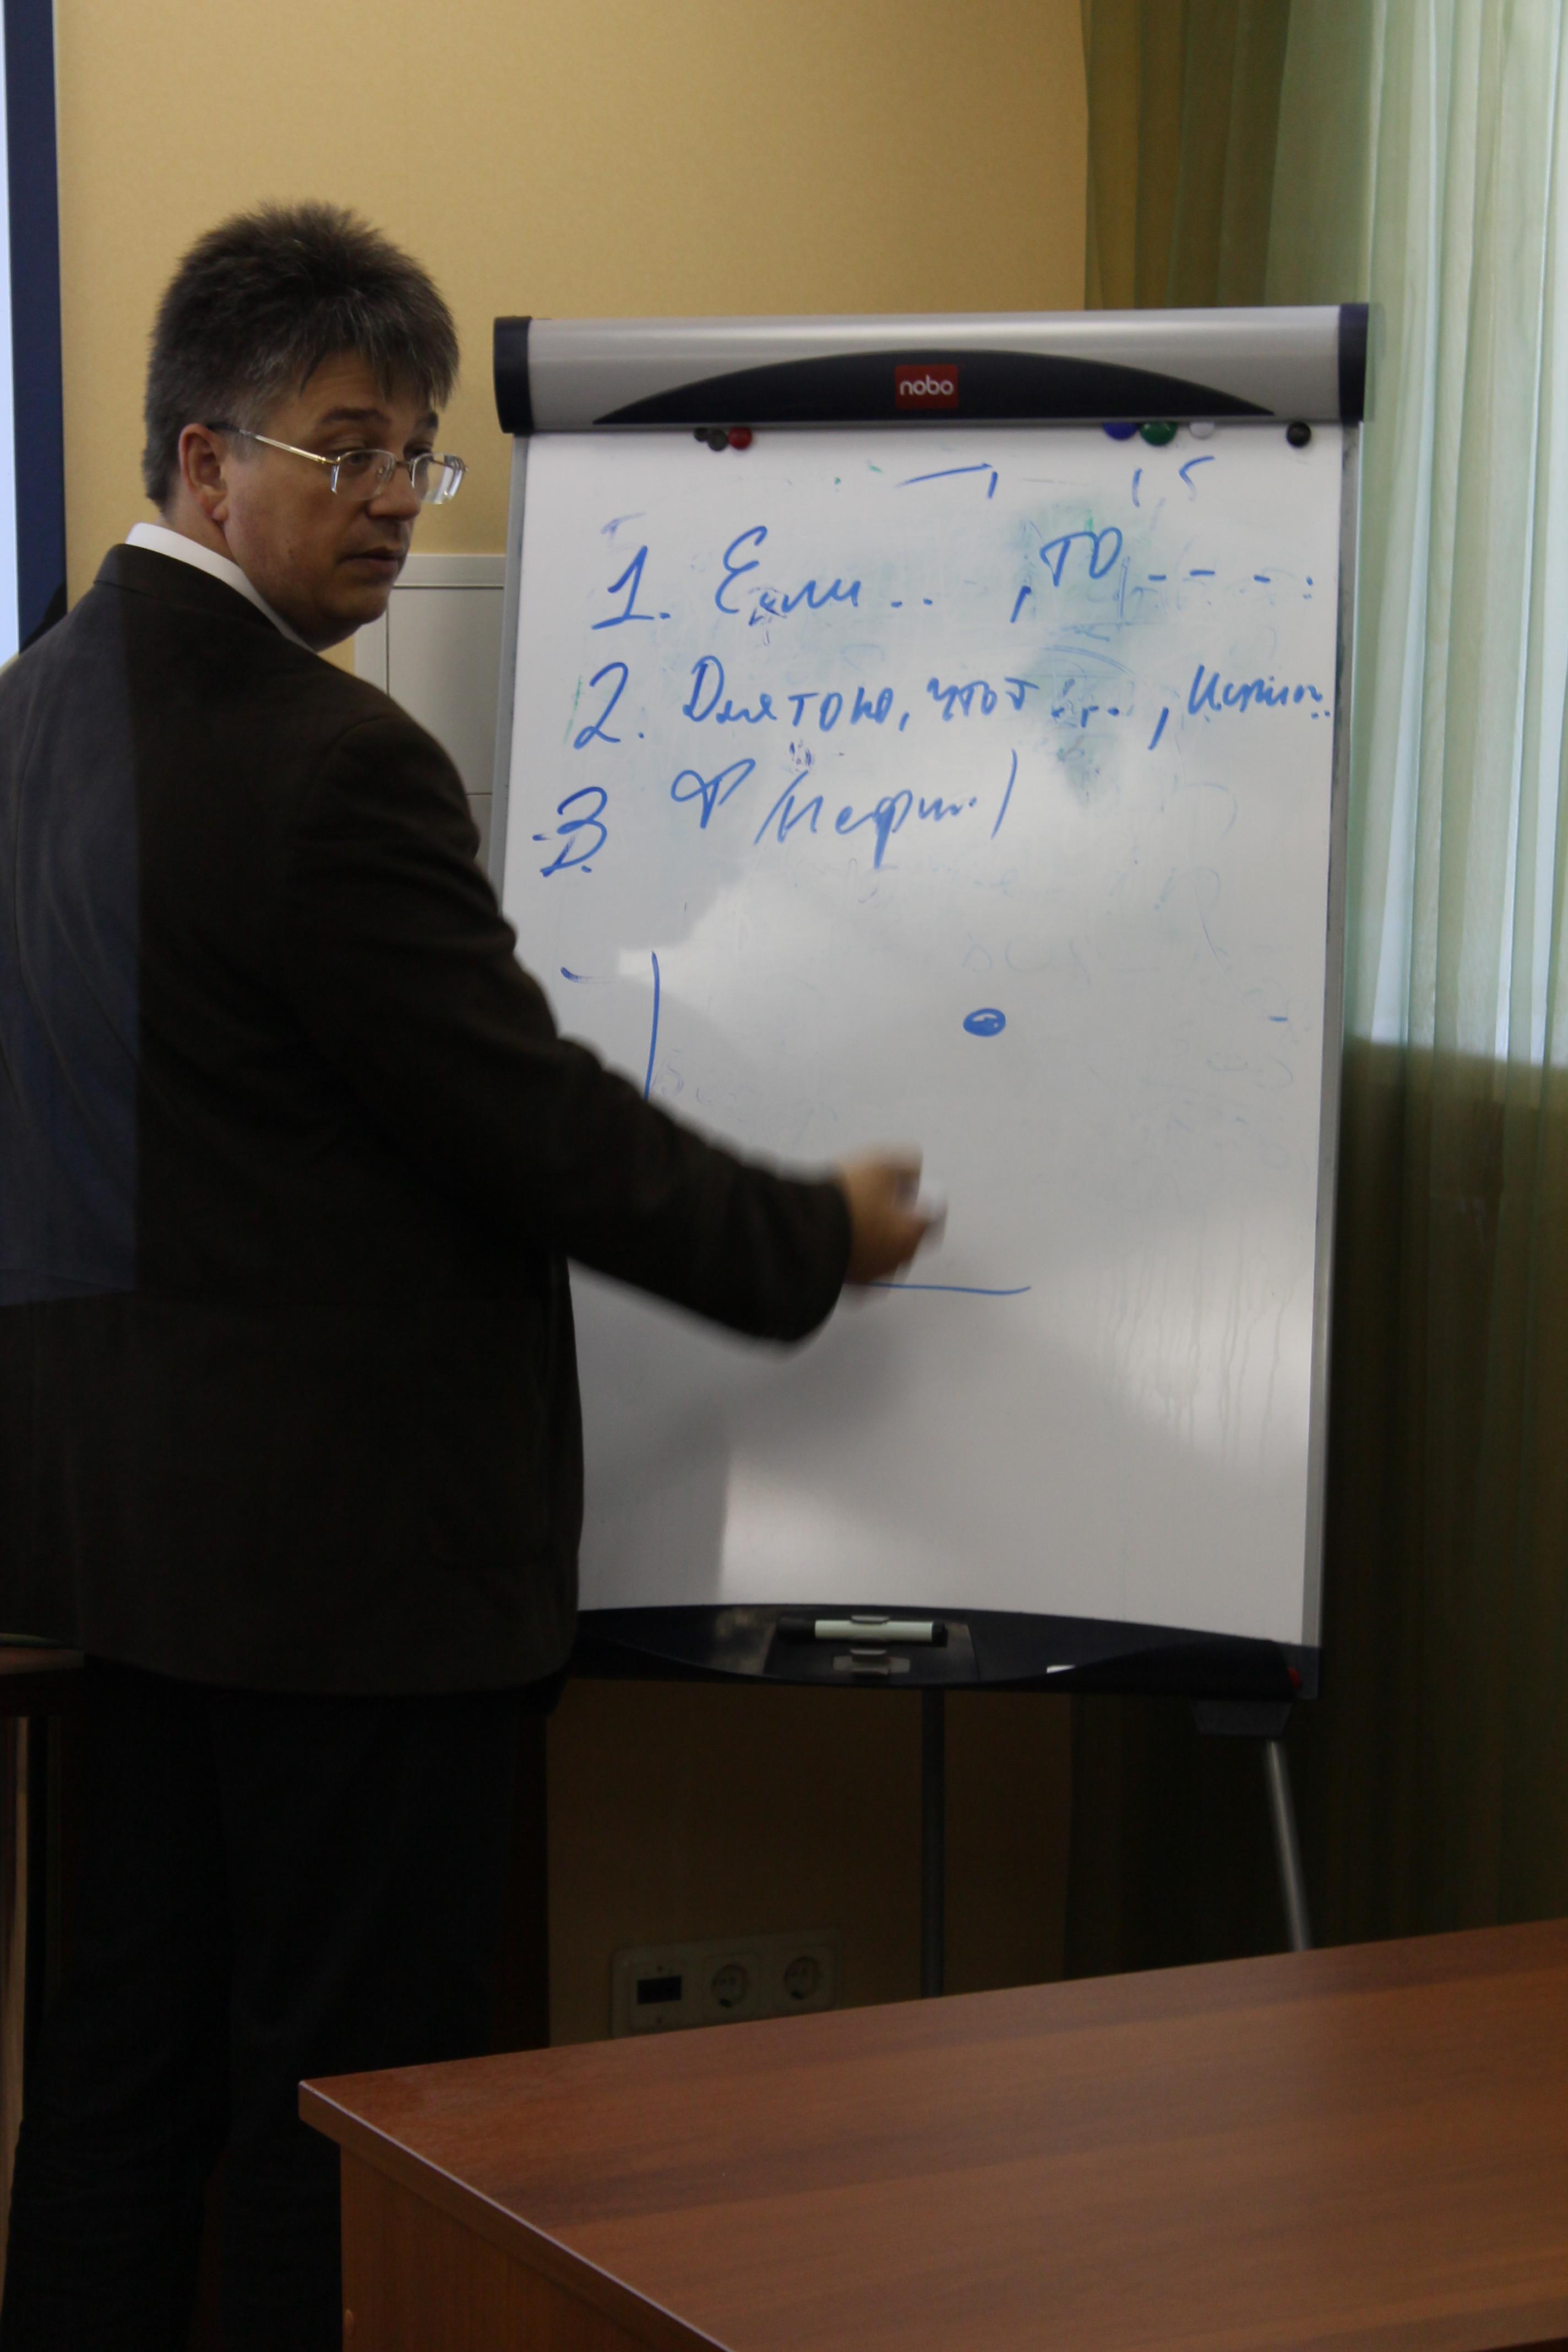 Новости. 26 июля 2013 в Санкт-Петербурге состоялся Мастер-Класс Инструменты Управления эффективностью